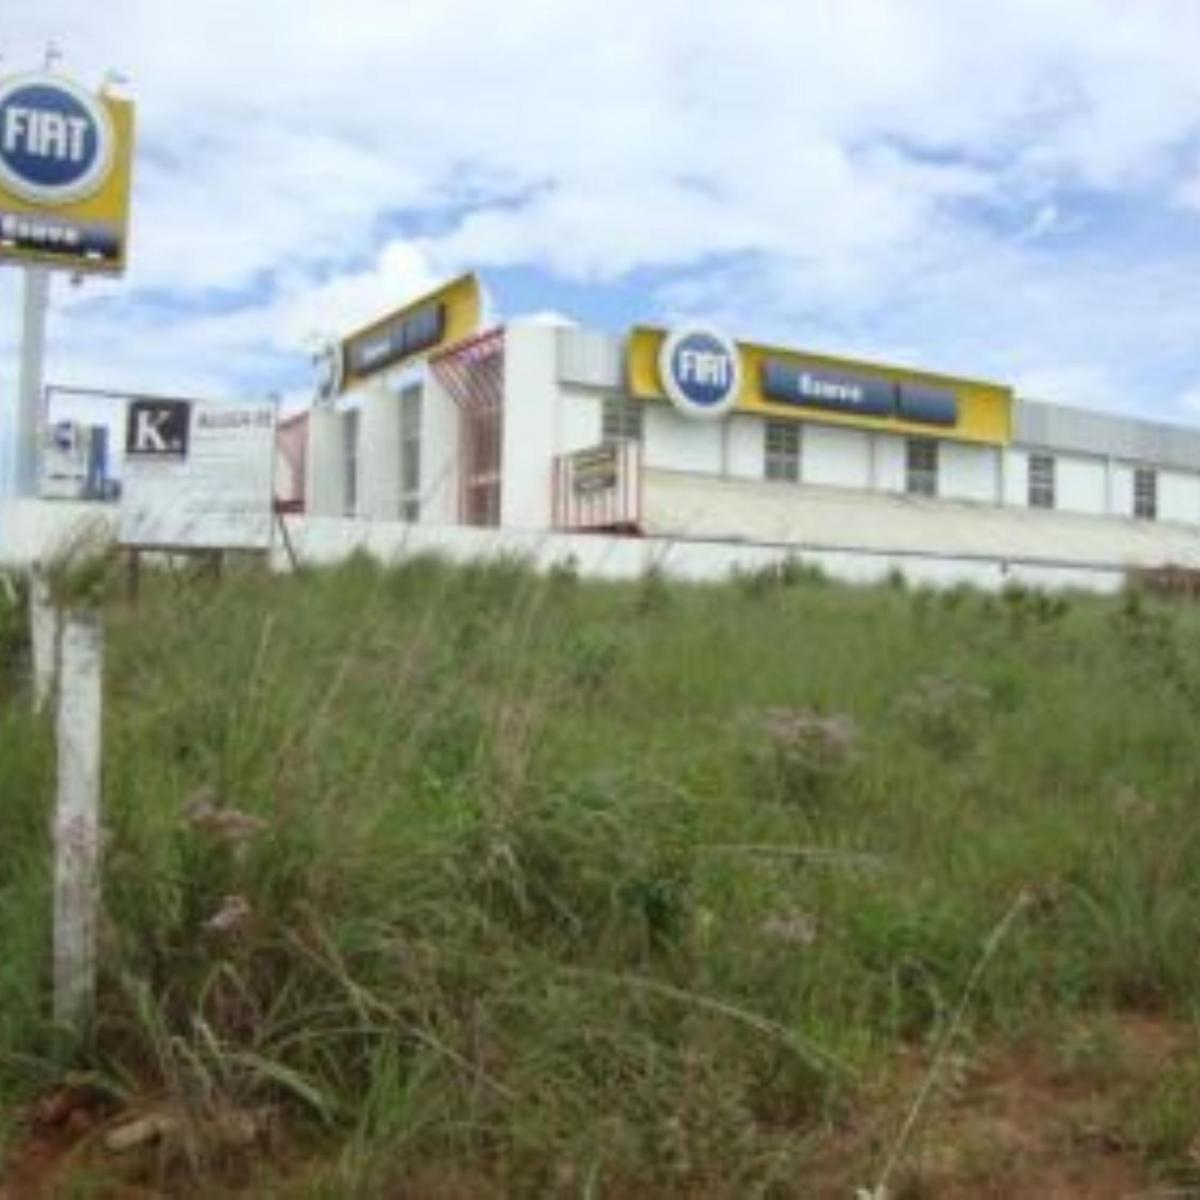 1) Detalhe do terreno ao lado da concessionária Fiat (Esave Veículos)